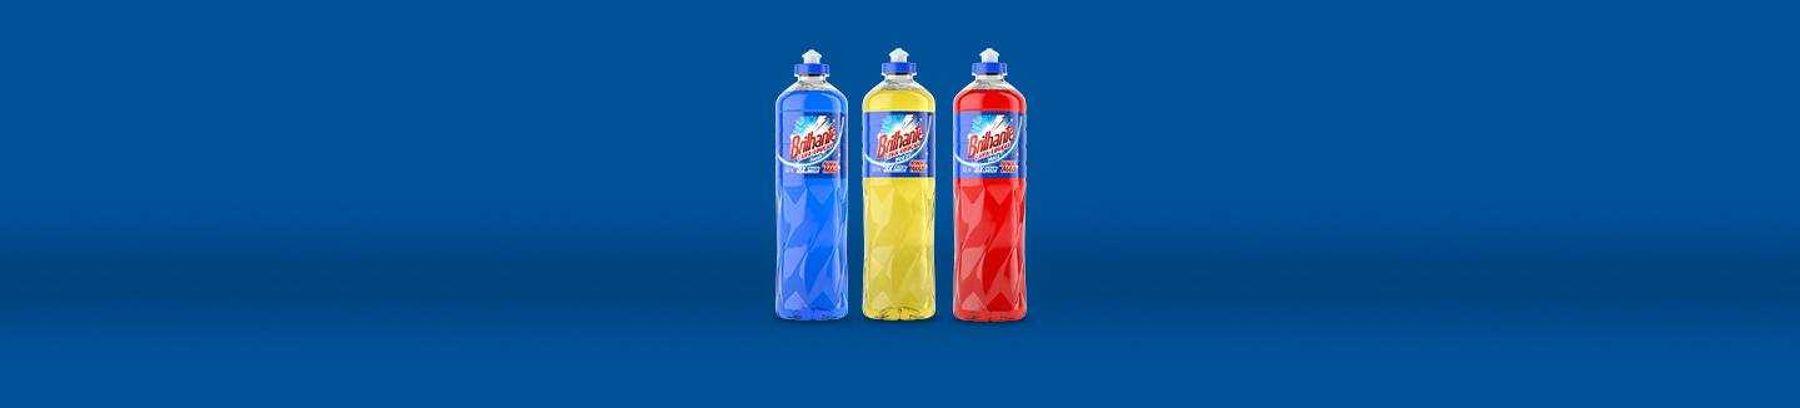 detergente-brilhante